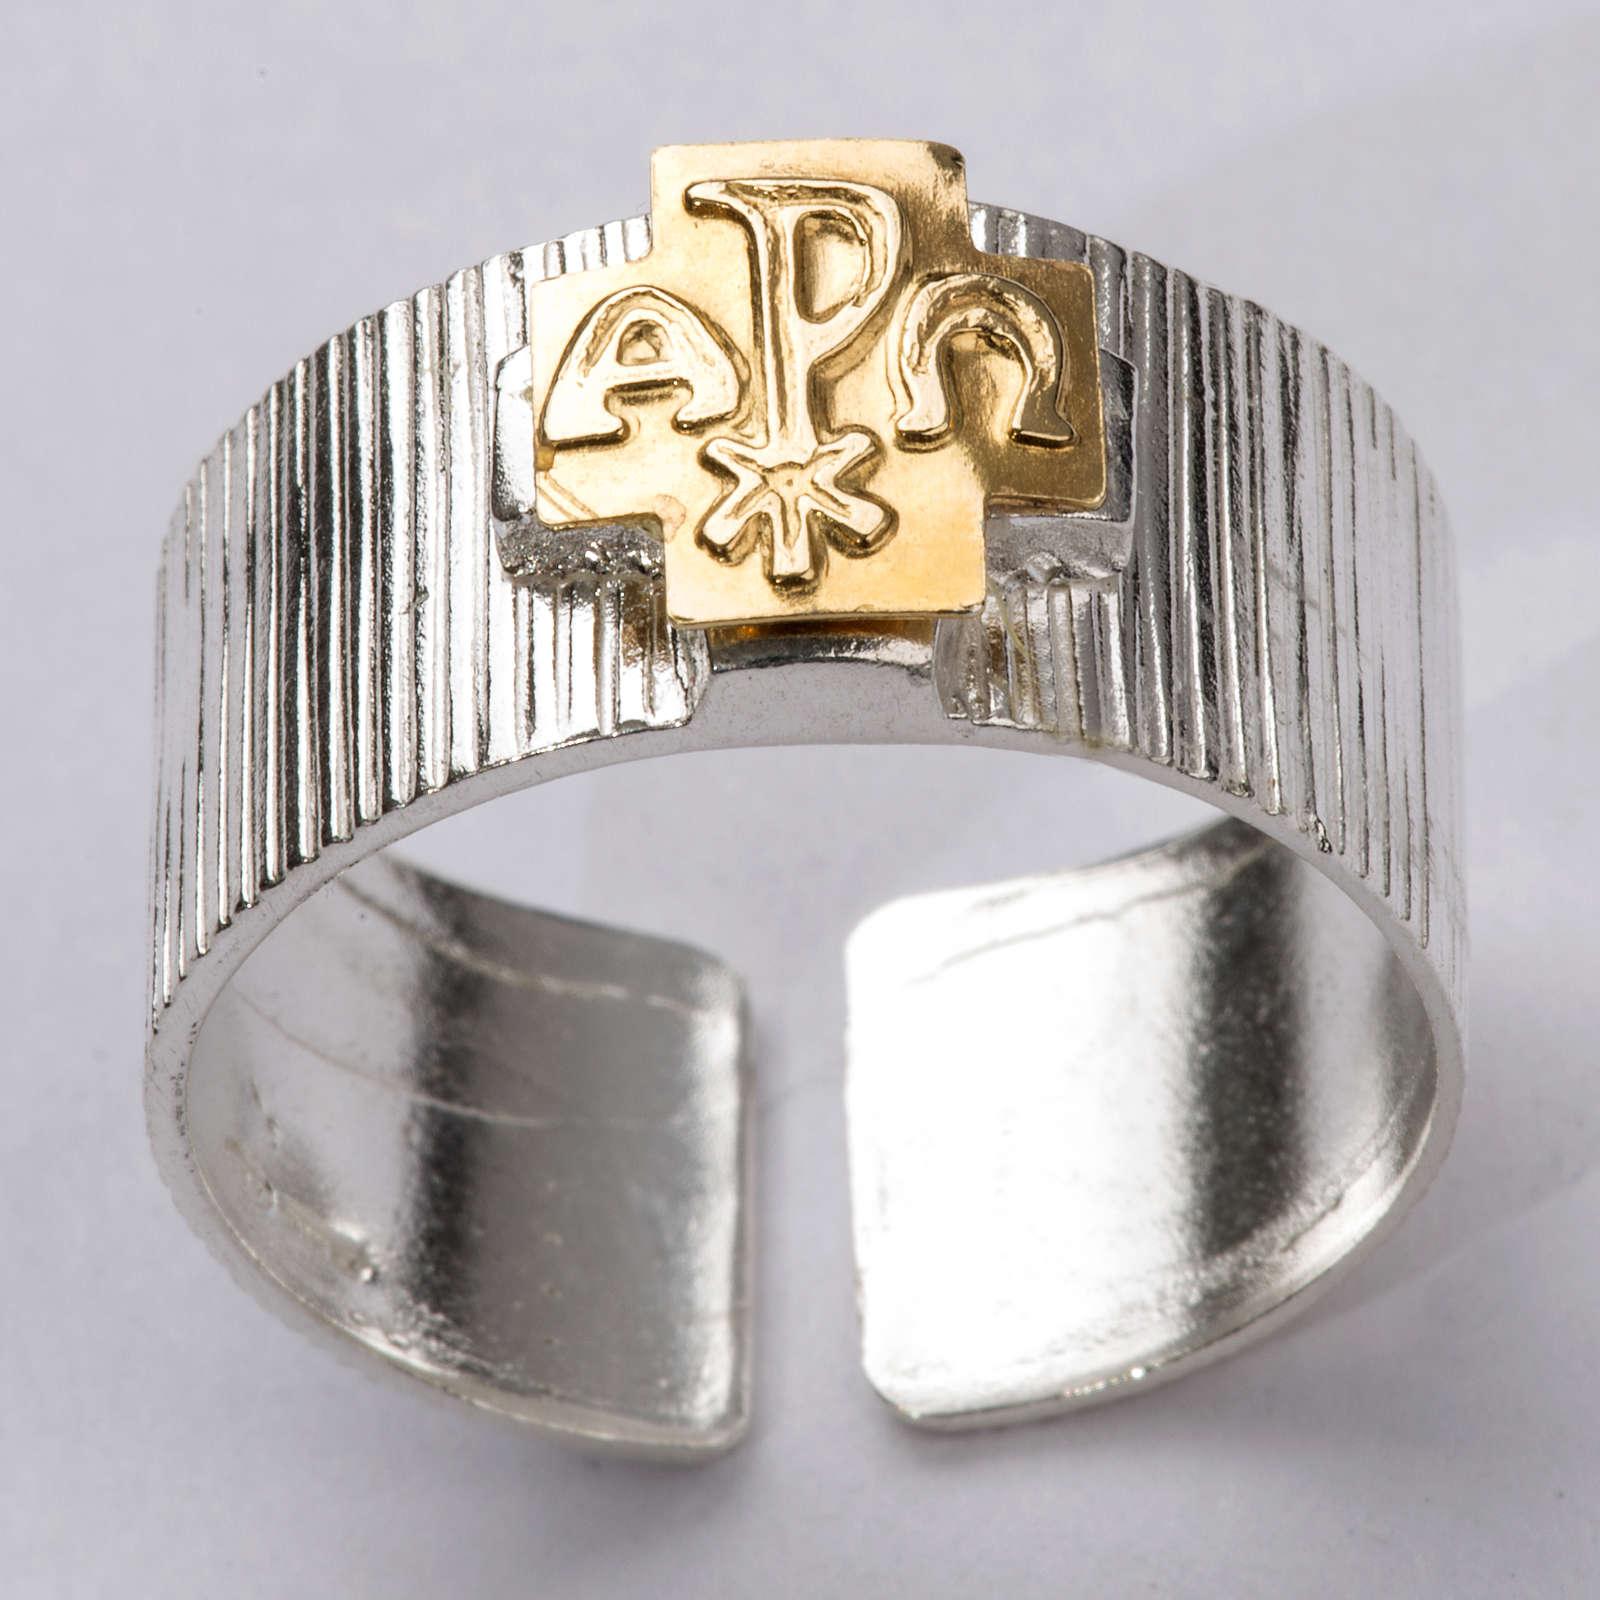 Anello vescovi argento 925 croce alfa omega XP 3